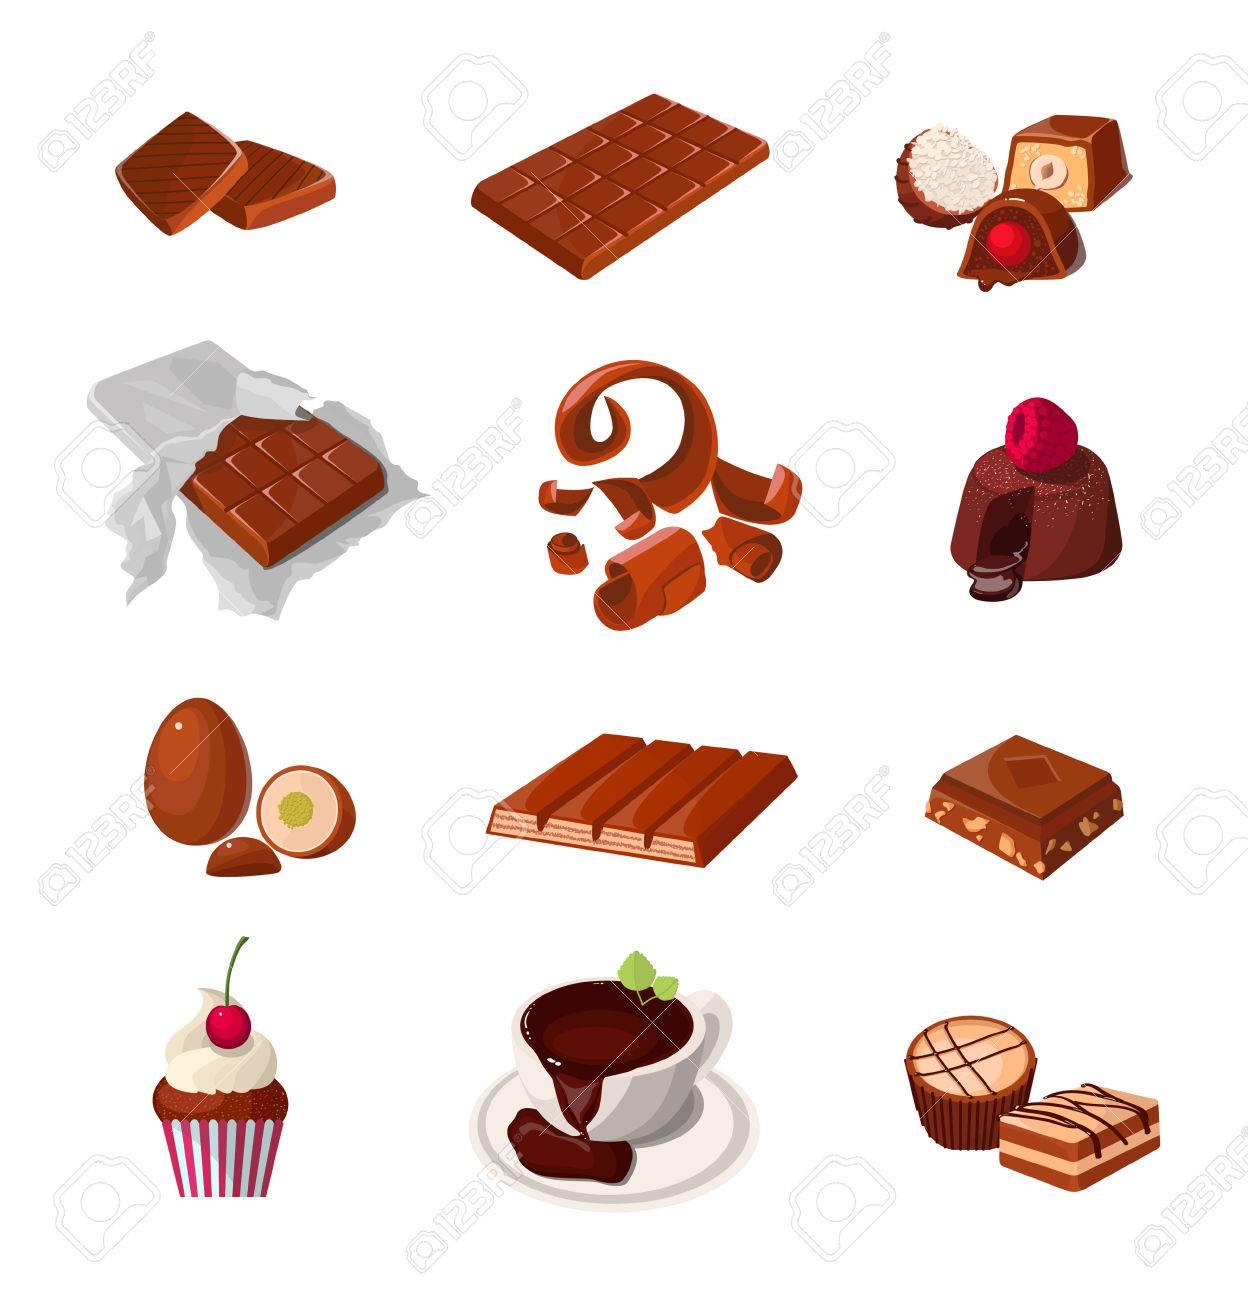 チョコレート製品のセットですさまざまな生地のお菓子分離のリアルな